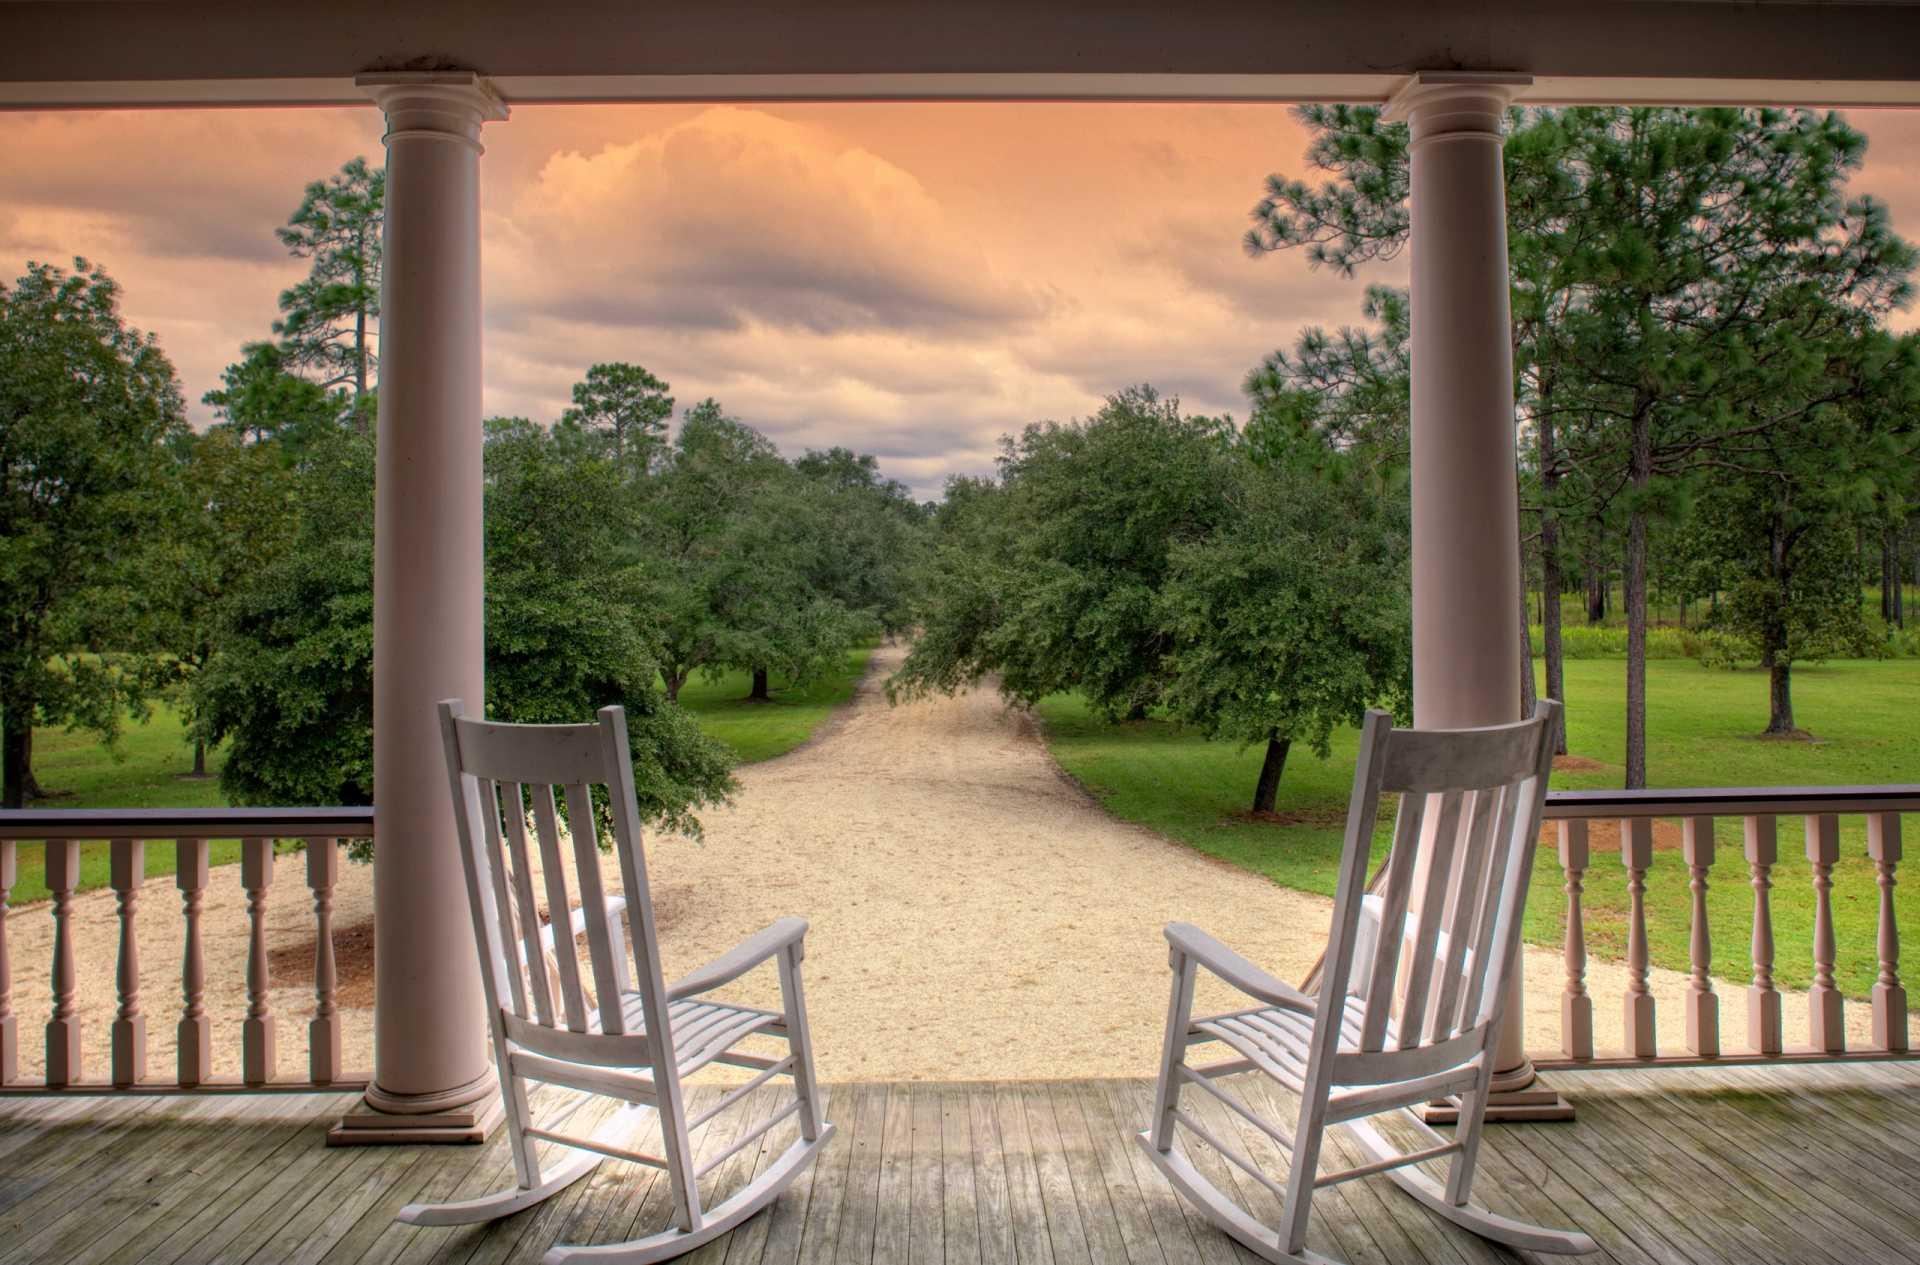 3 Schaukelstühle für den Garten, die zu entspannenden Stunden einladen